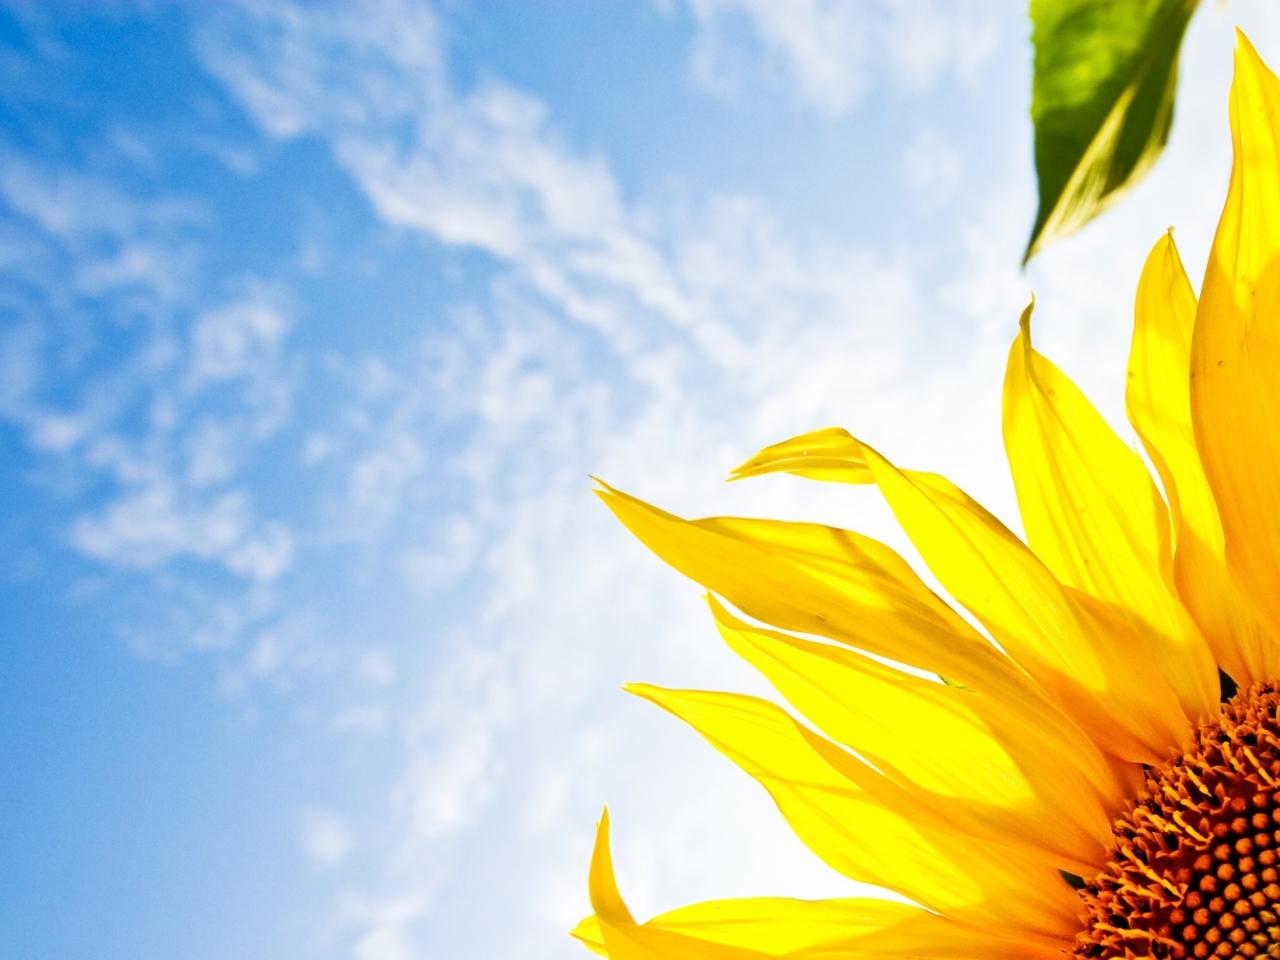 Girasol a la luz del sol - 1280x960